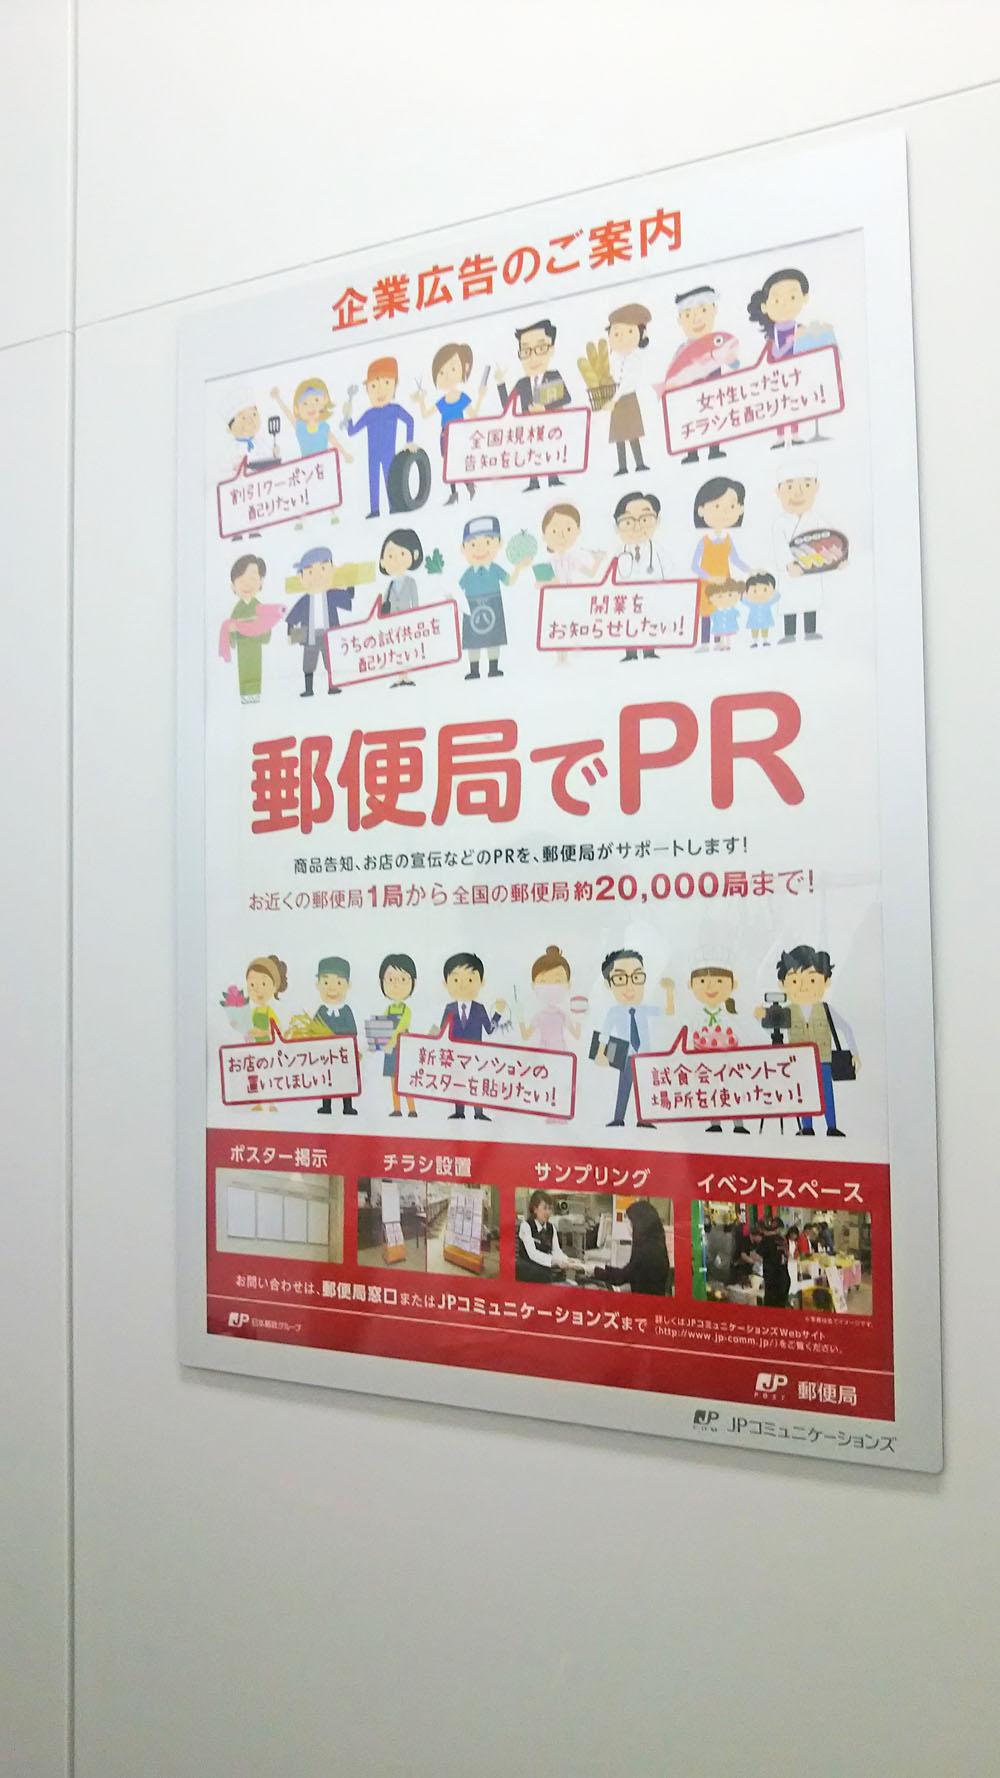 JPコミュニケーションズ写真1